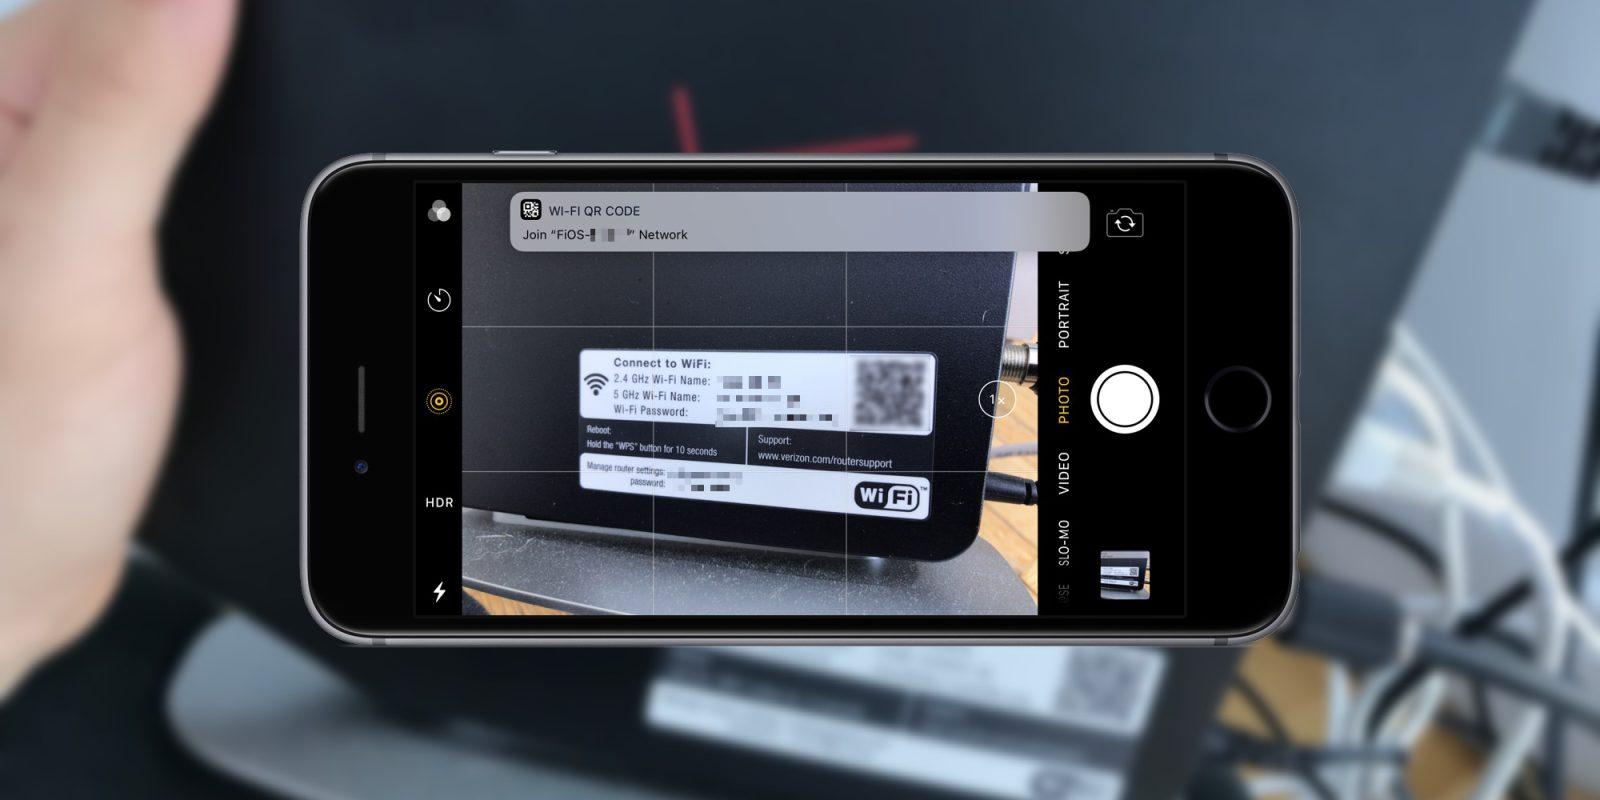 iOS 11 : connexion automatique au WiFi via QR code